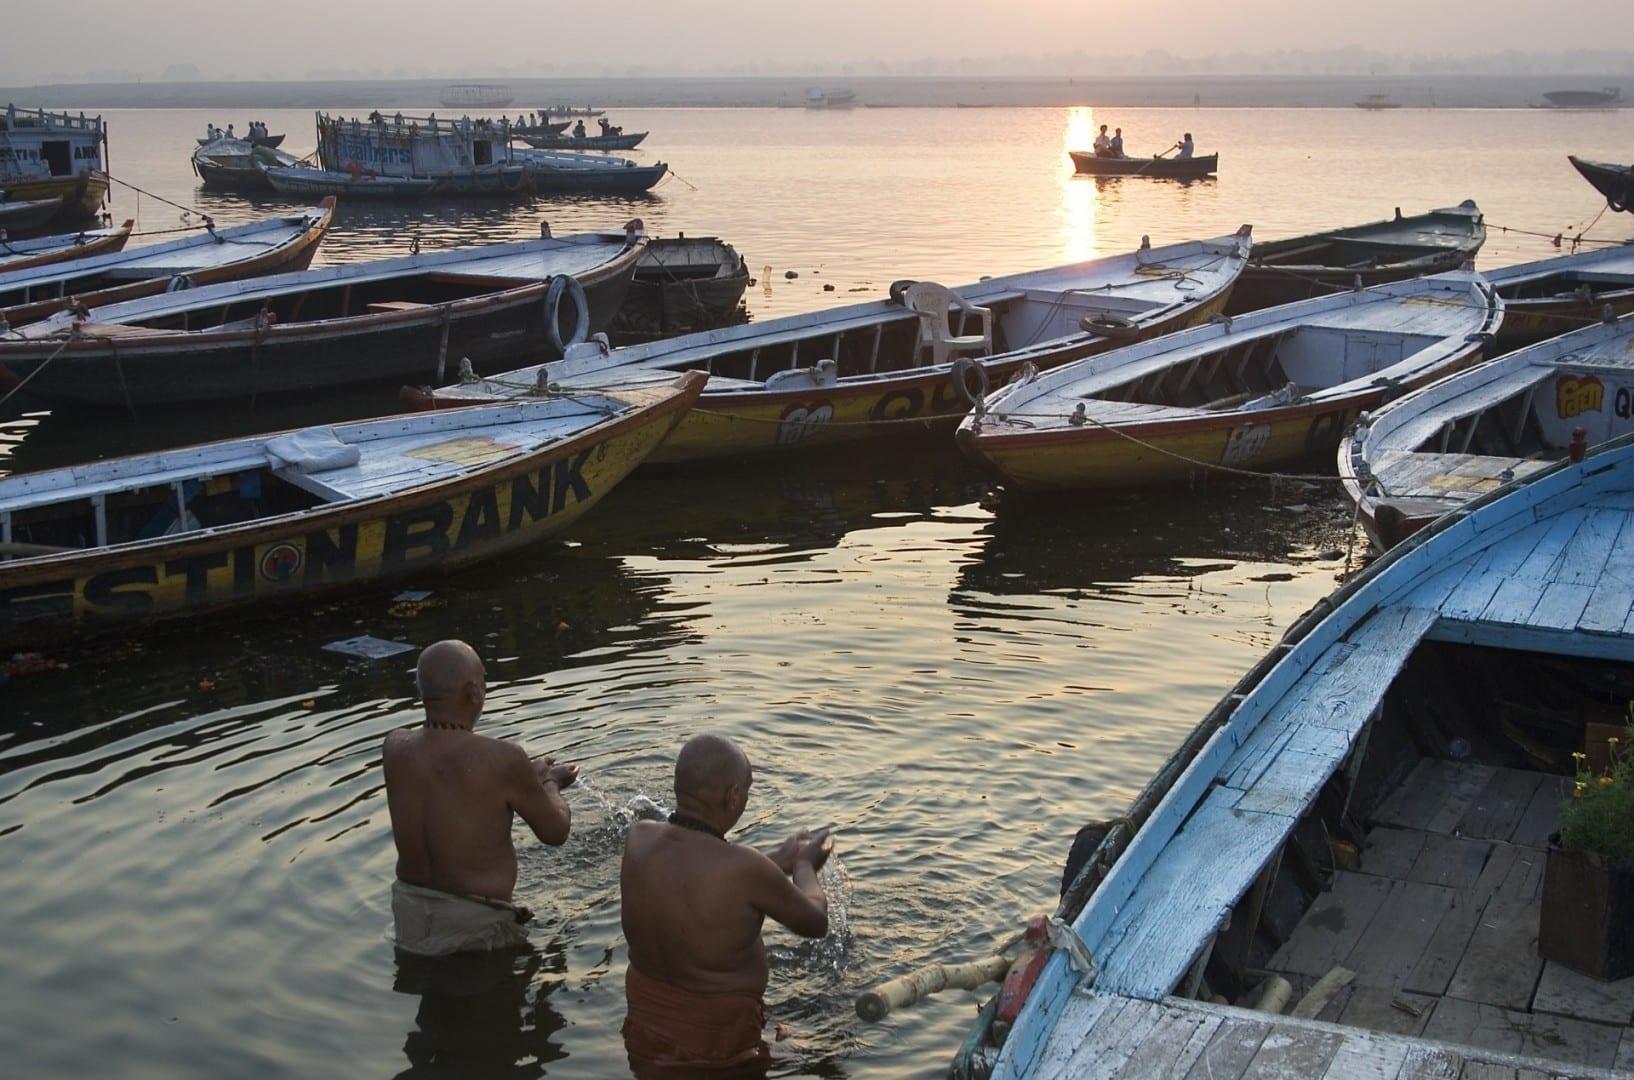 Hombres rezando entre los barcos en el Ganges Varanasi / Benares India